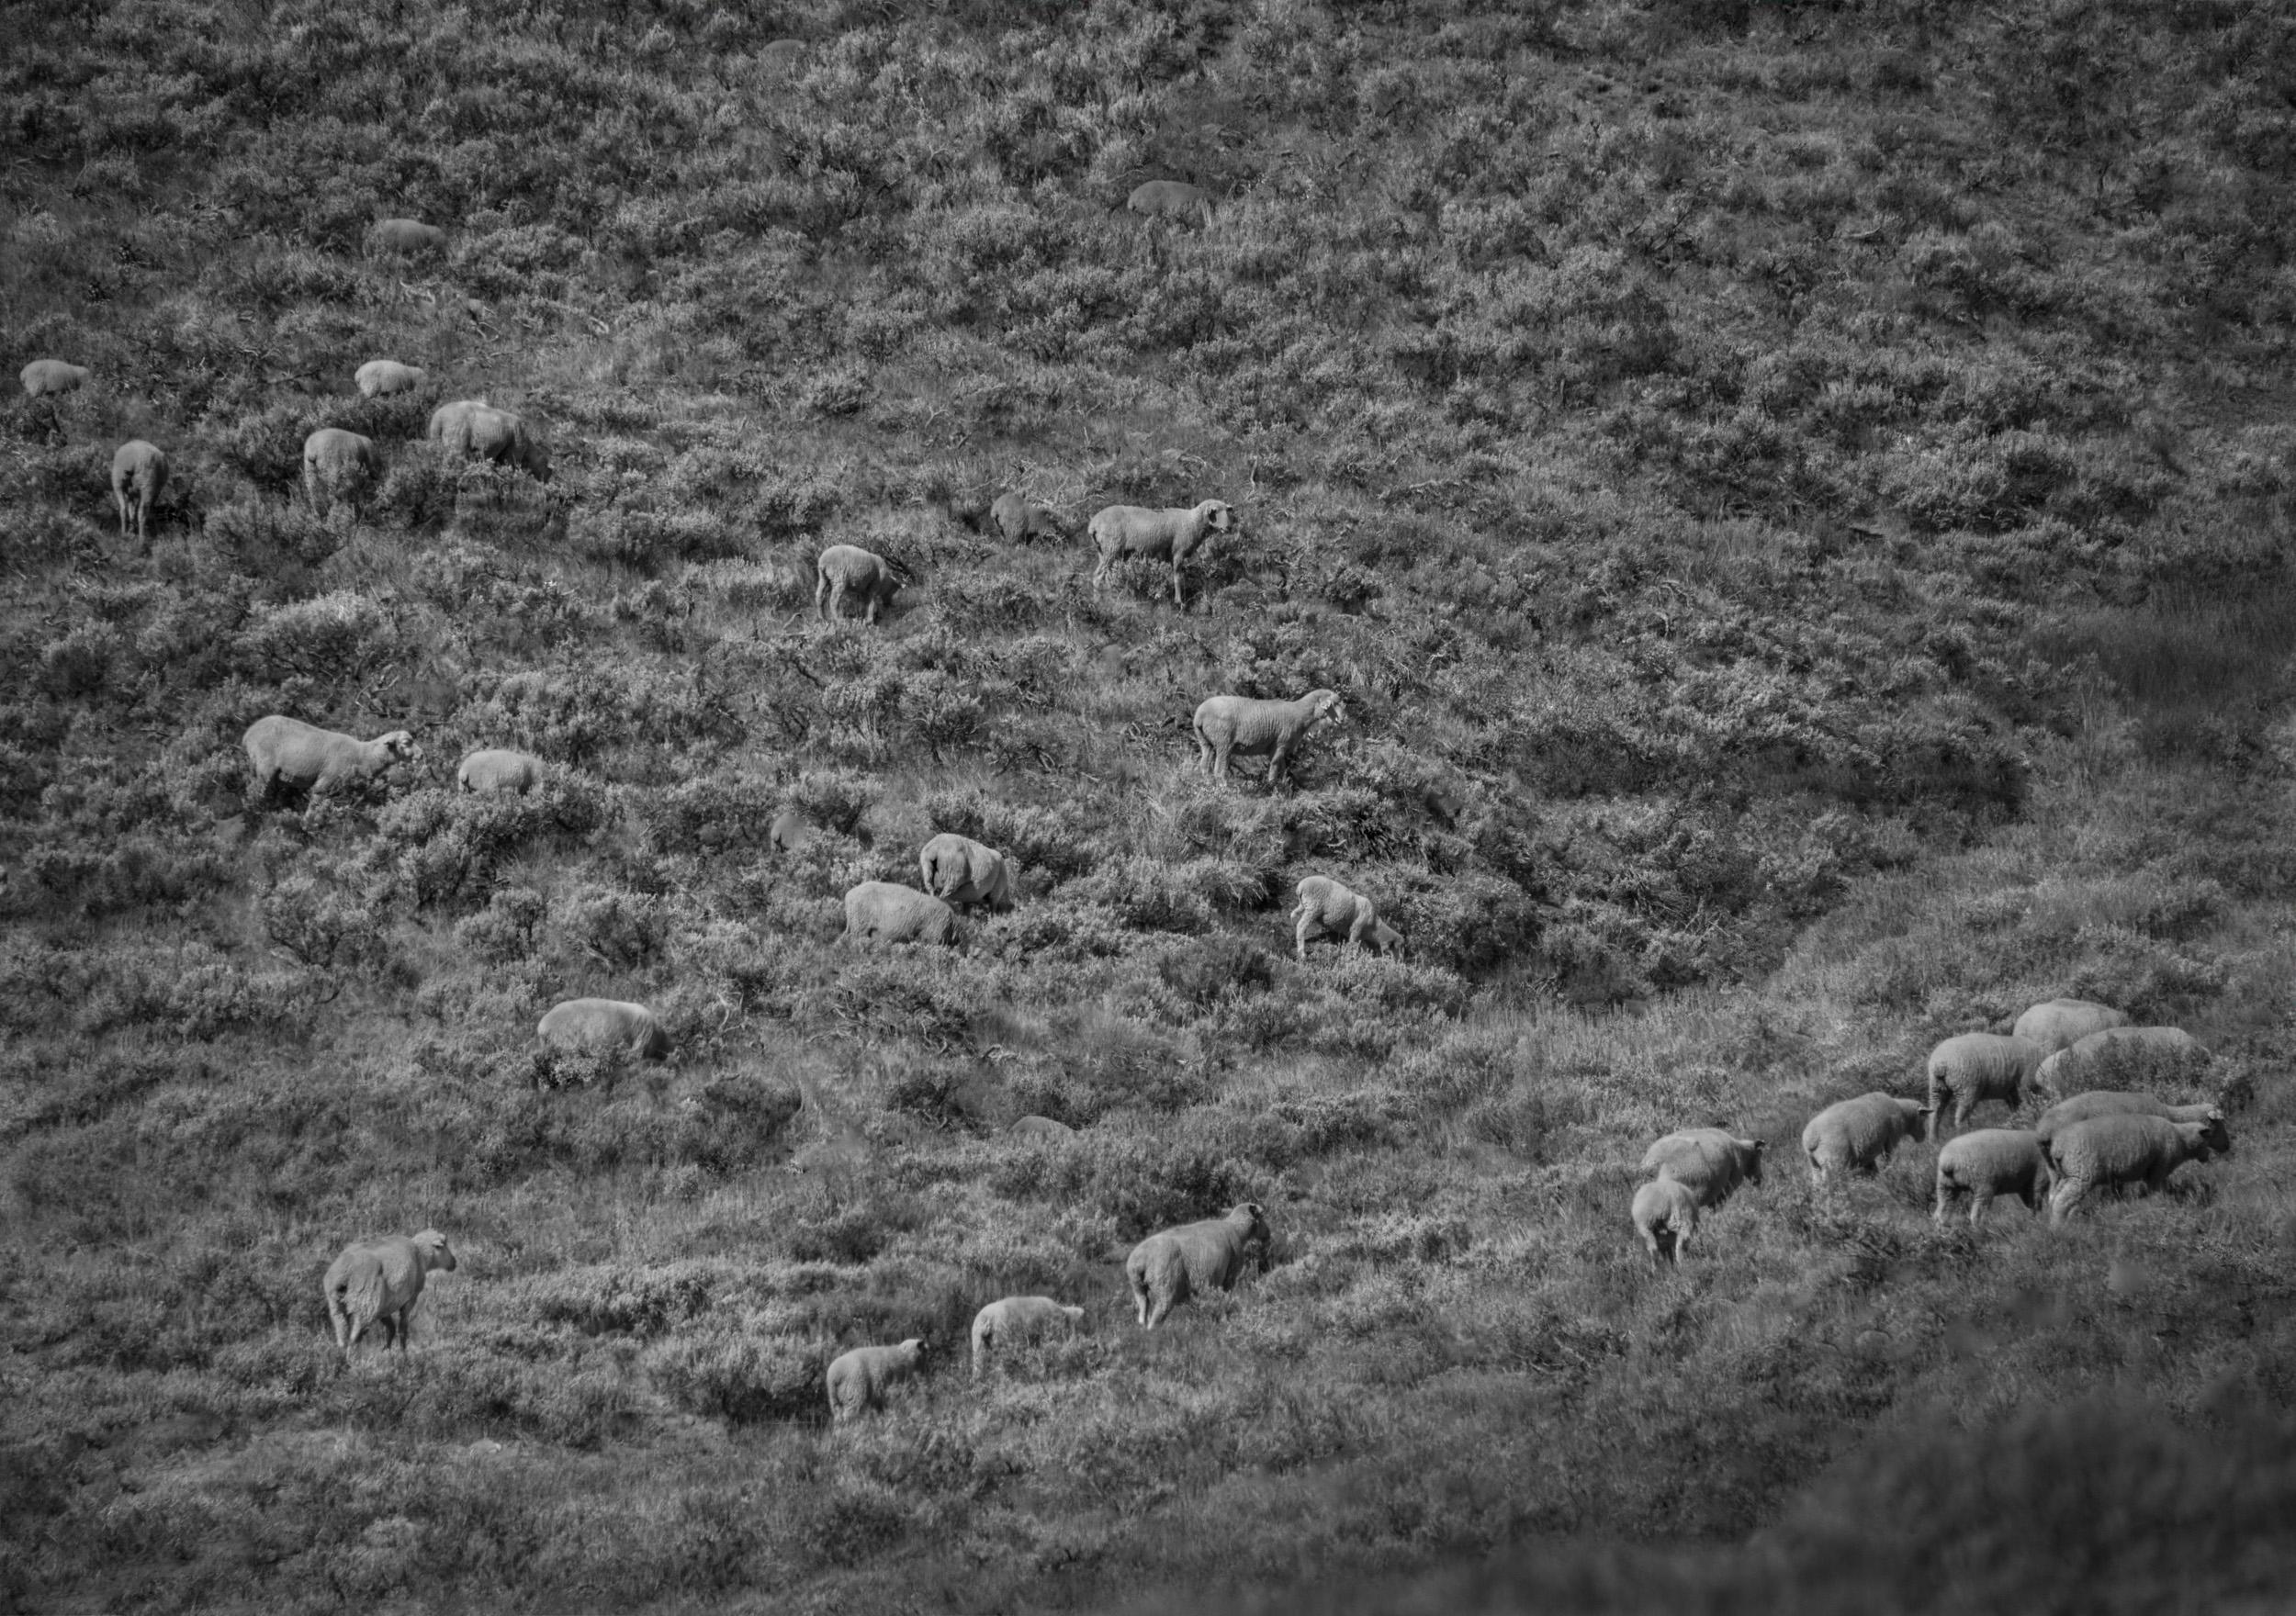 Sheep, Logan Canyon, Utah  © Robert Welkie 2018